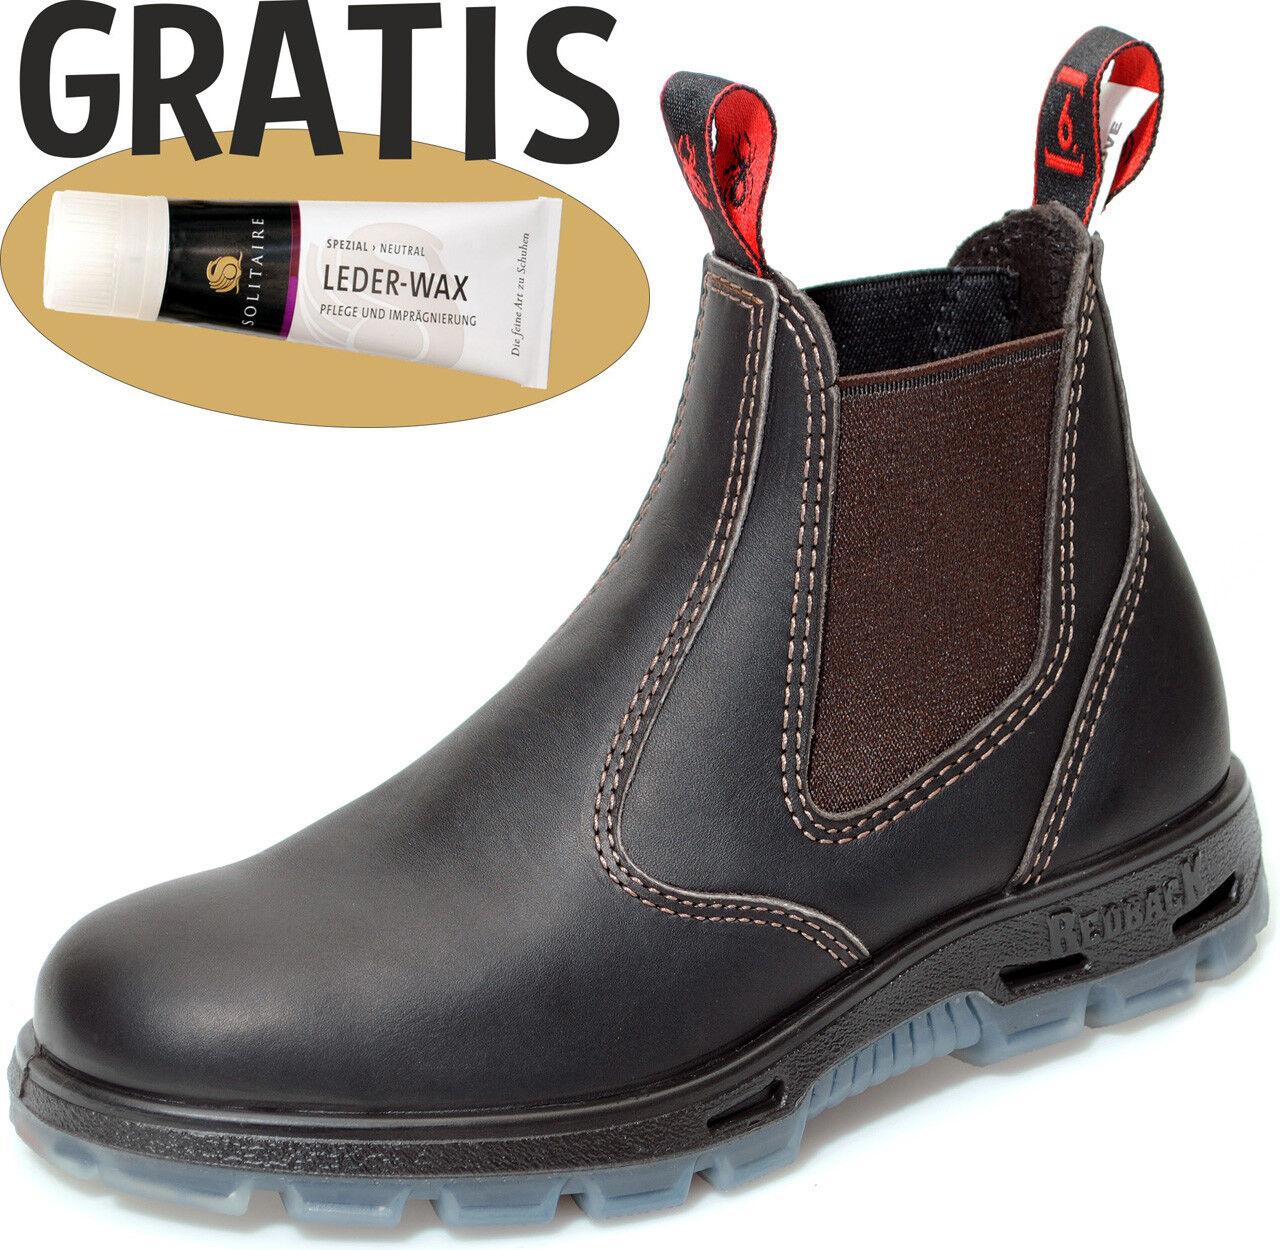 rotback Safety Stiefel Arbeit Leder Reiten Stahl USBOK claret-braun mit Zugabe